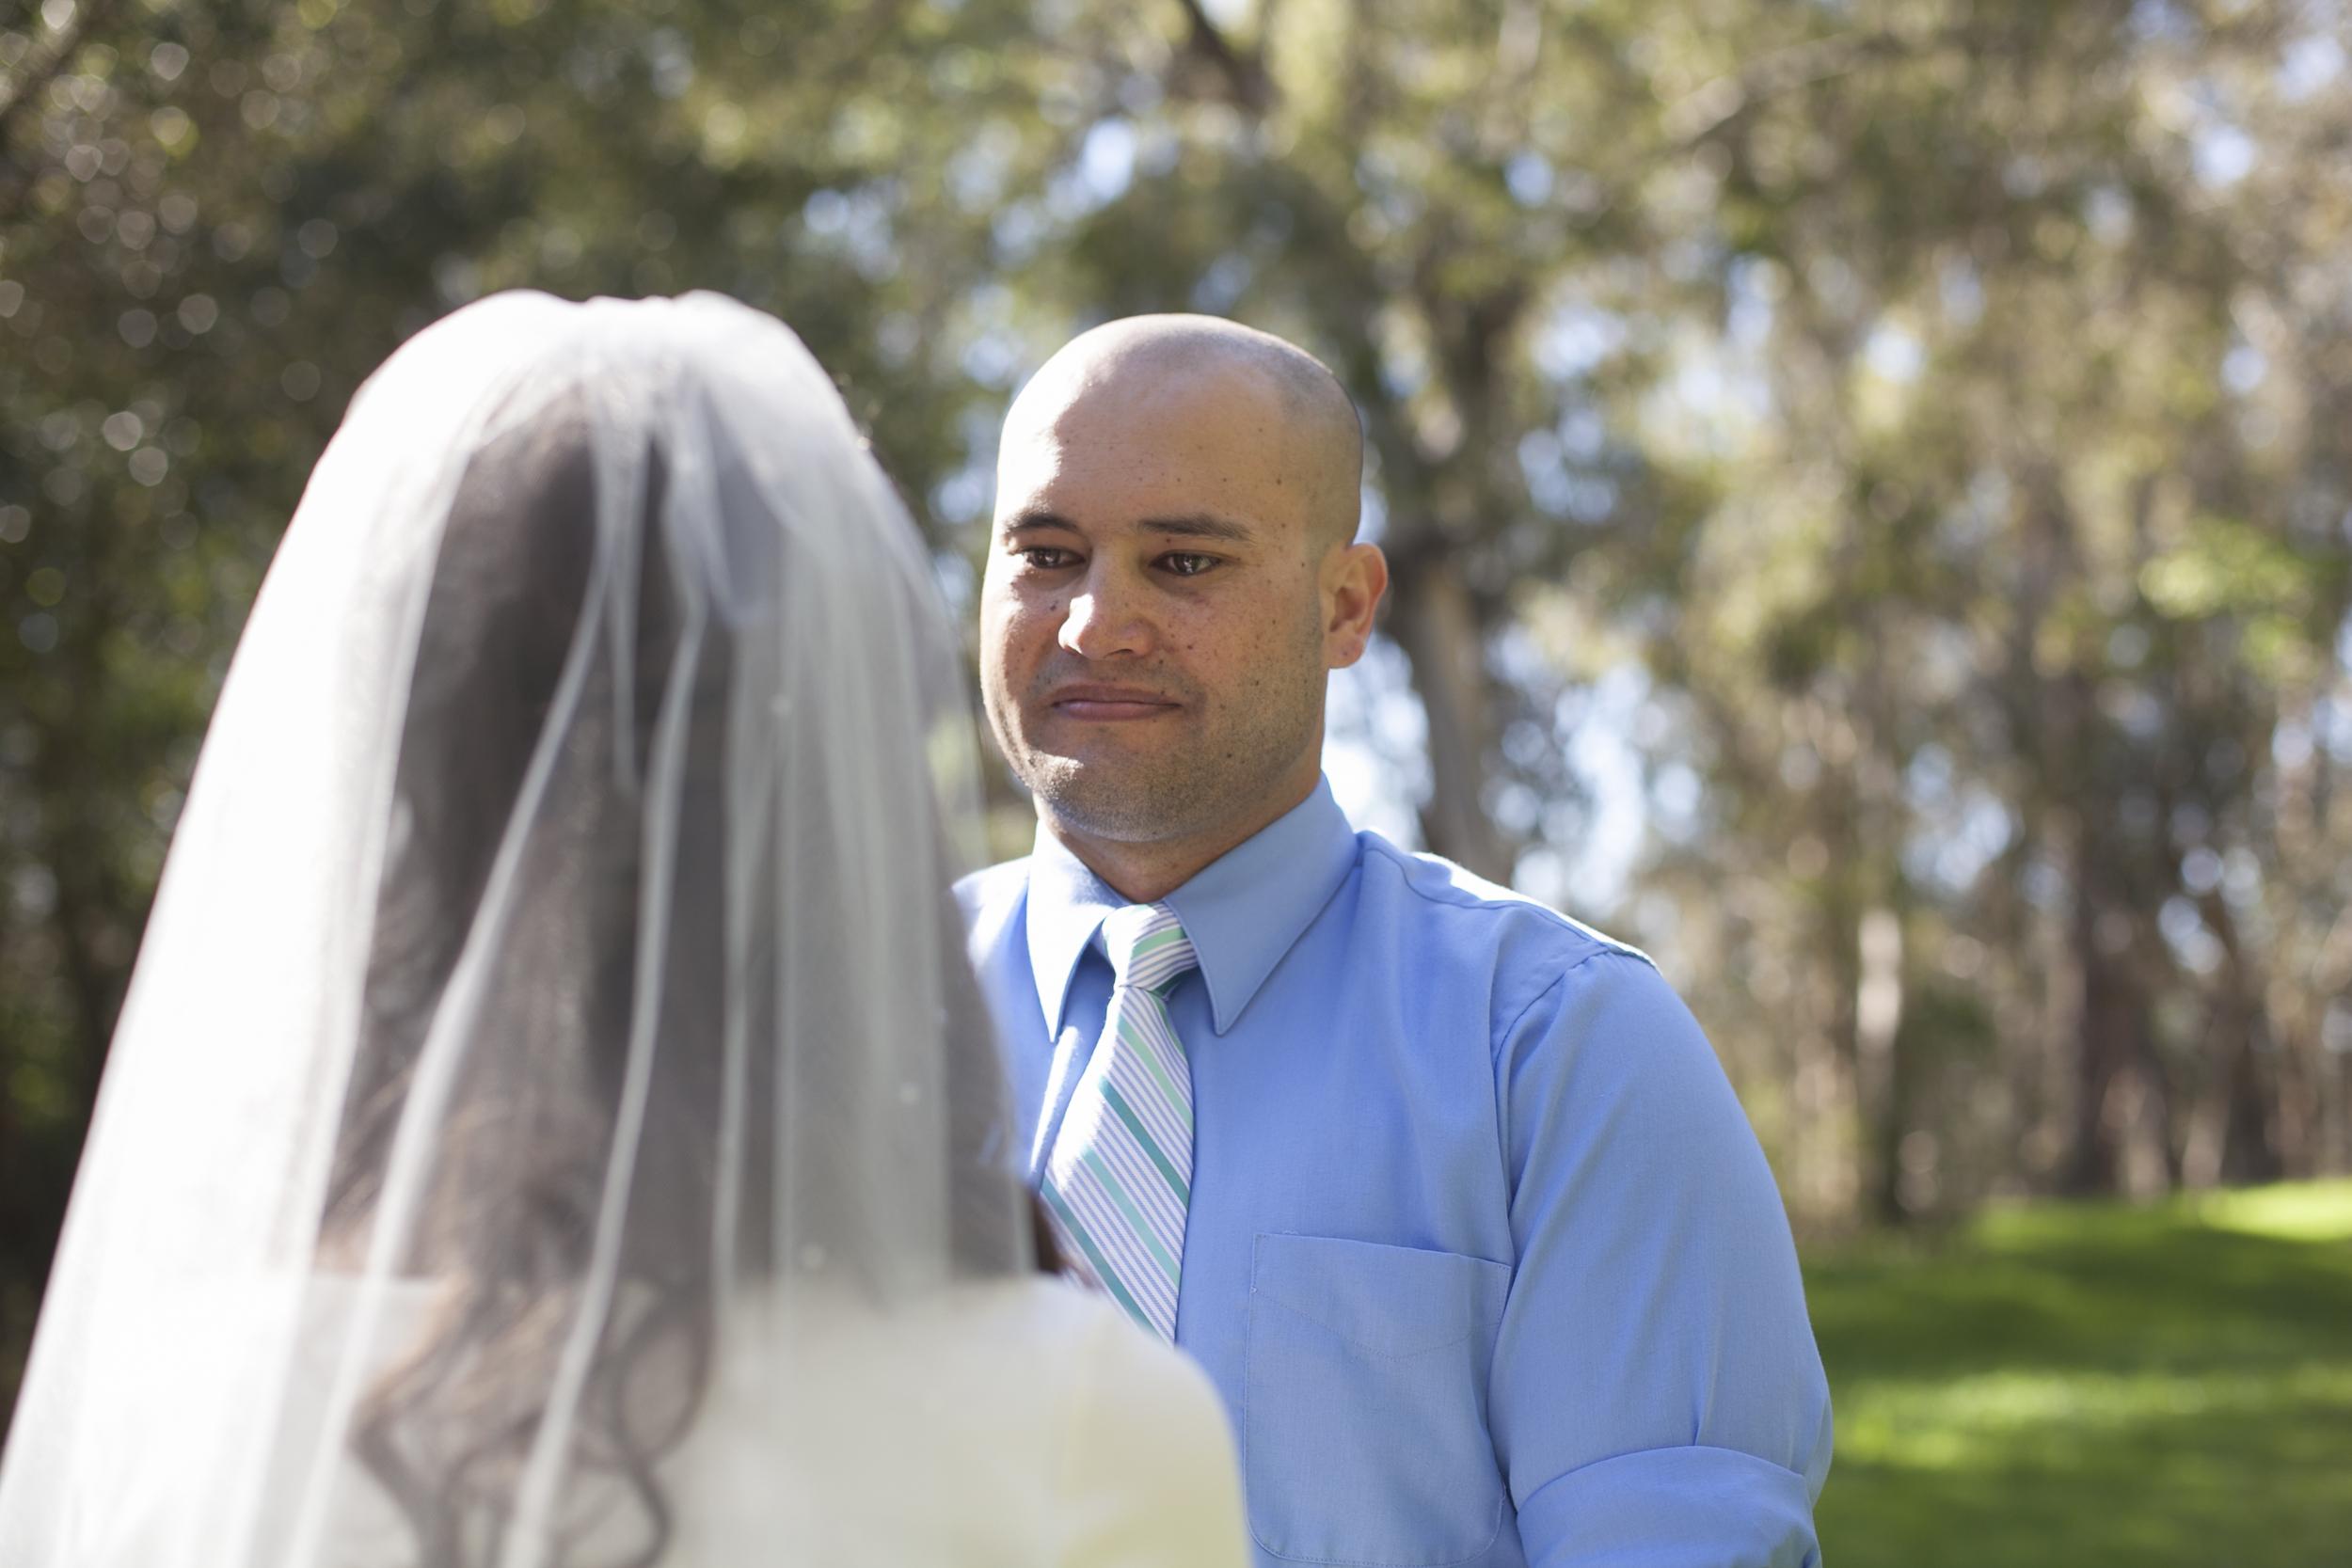 Tilden Park Berkeley Wedding Photographer-Meo Baaklini014.jpg